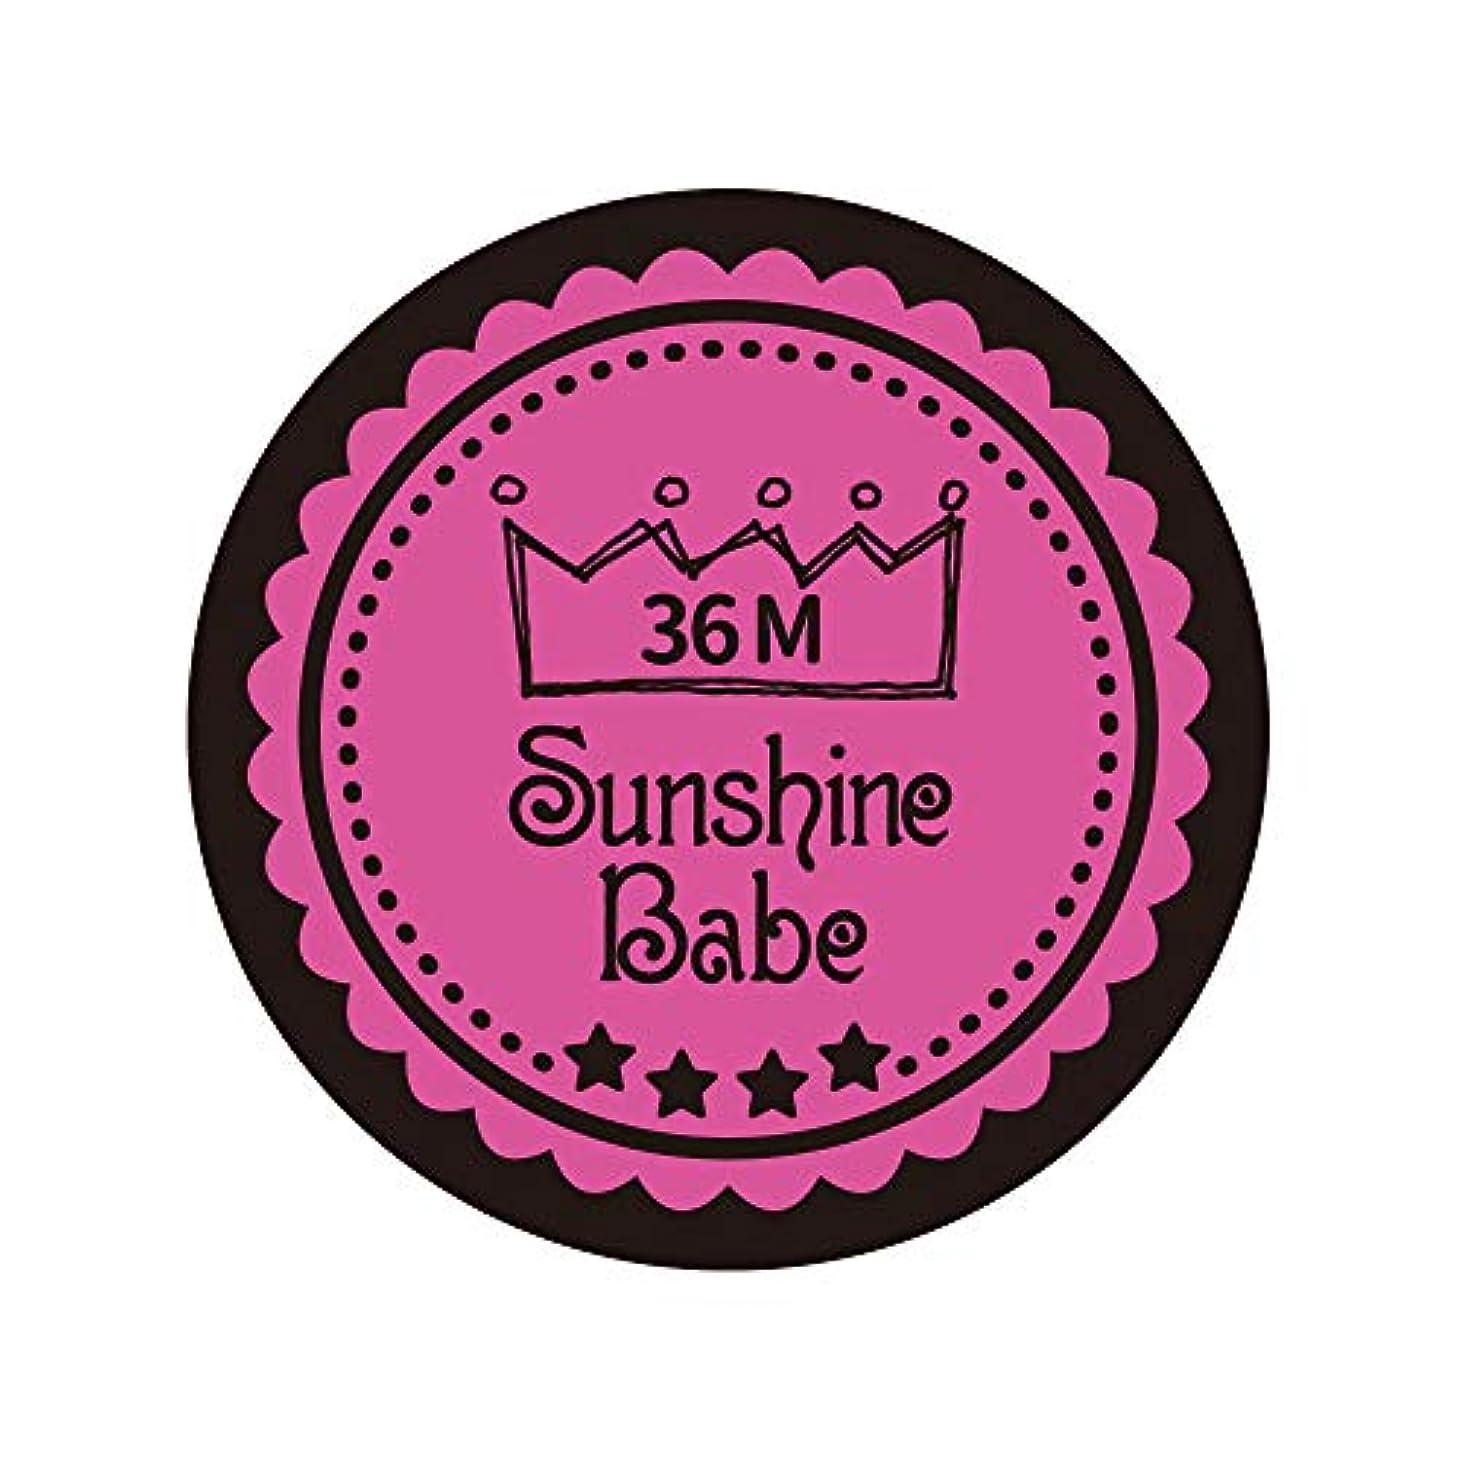 幾分アプローチ動作Sunshine Babe カラージェル 36M クロッカスピンク 2.7g UV/LED対応